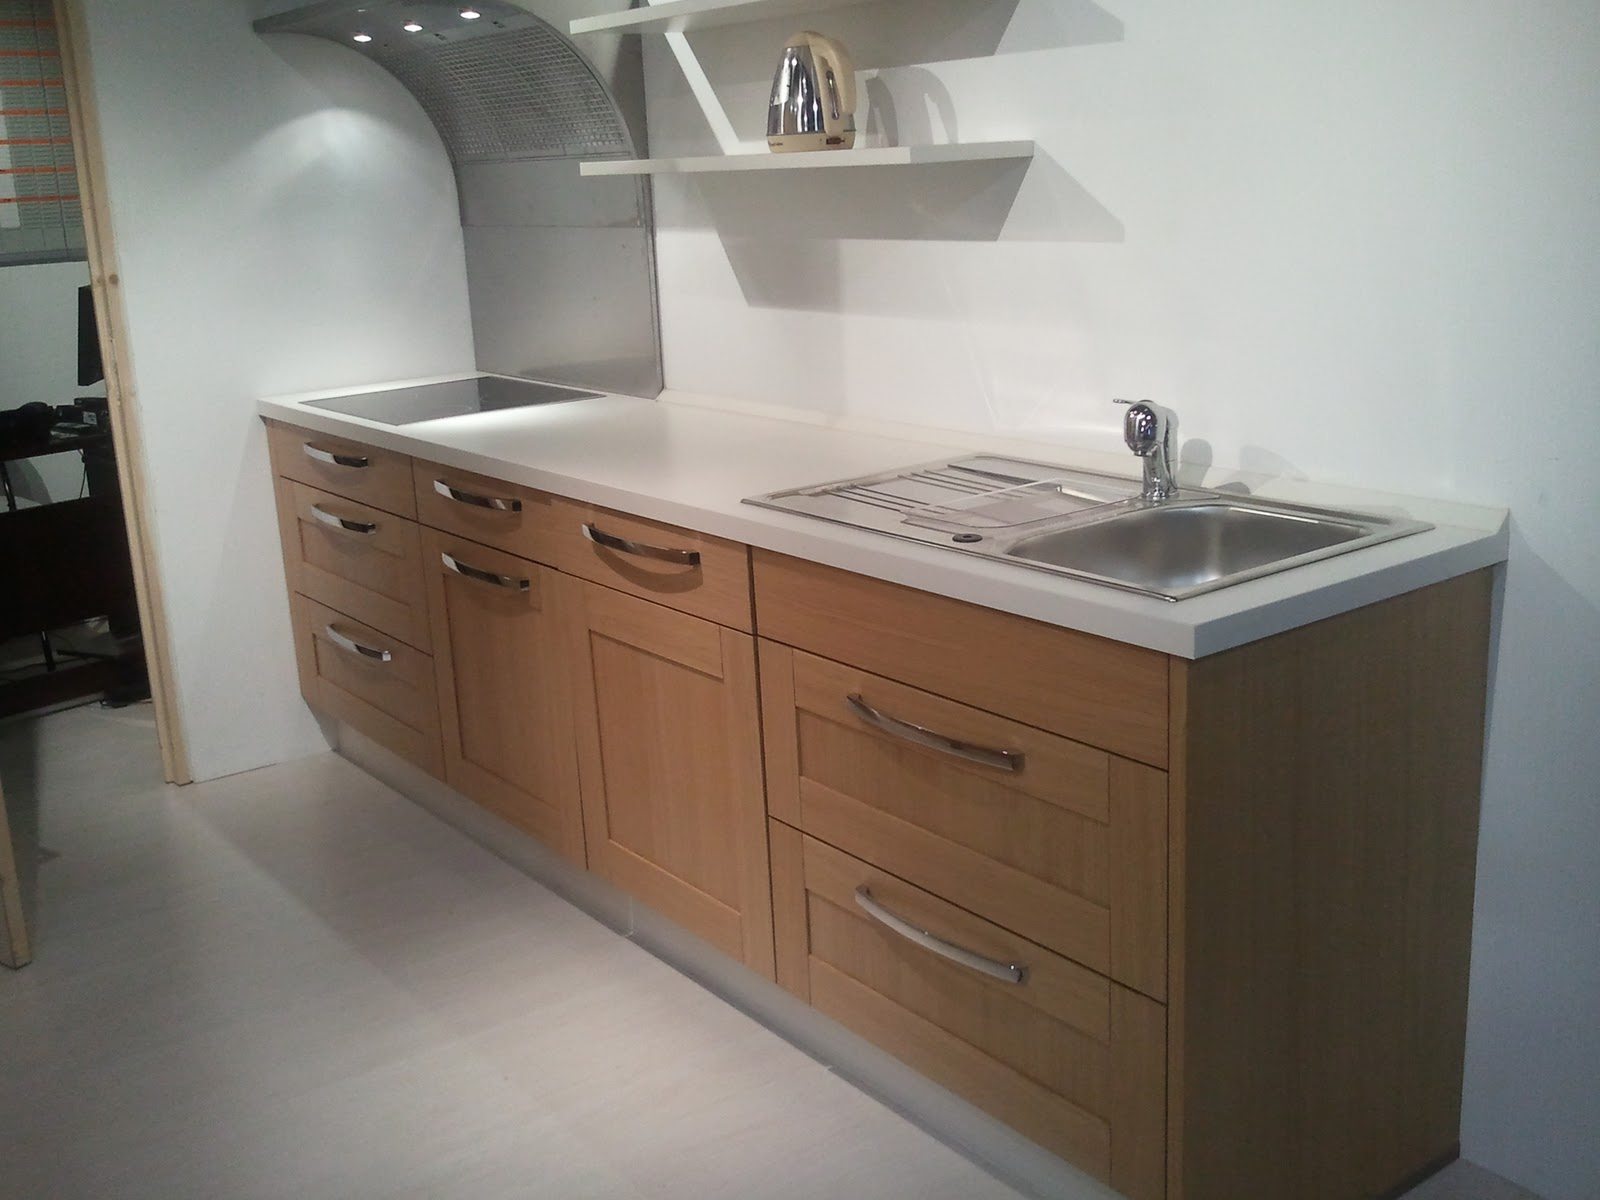 ma maison leli vre bagneux la recherche de la cuisine id ale. Black Bedroom Furniture Sets. Home Design Ideas